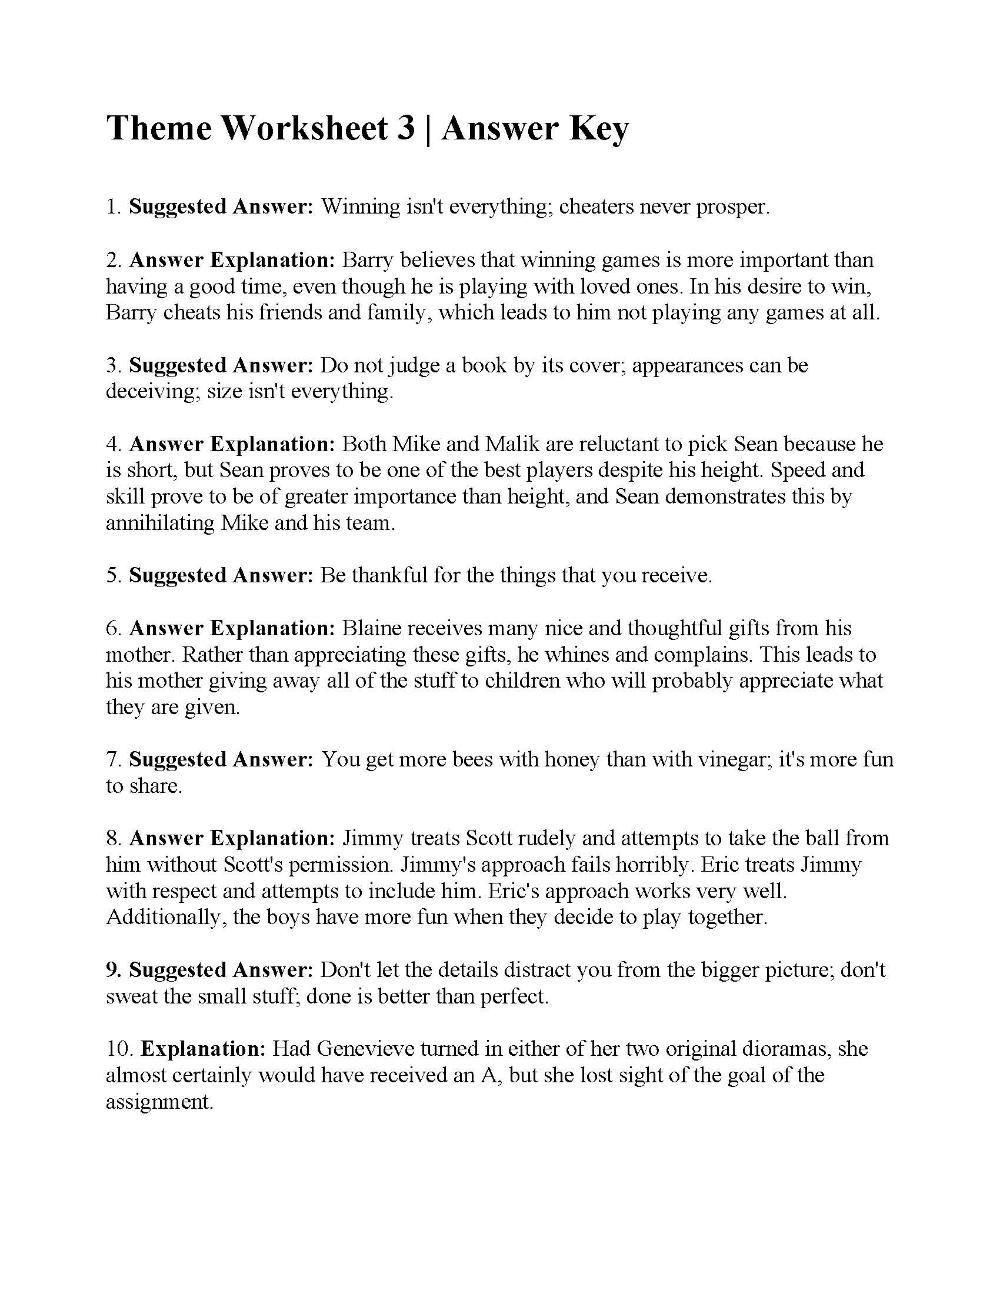 Theme Worksheet 3 Answers Kindergarten Worksheets School Worksheets Worksheet Template [ 1294 x 1000 Pixel ]